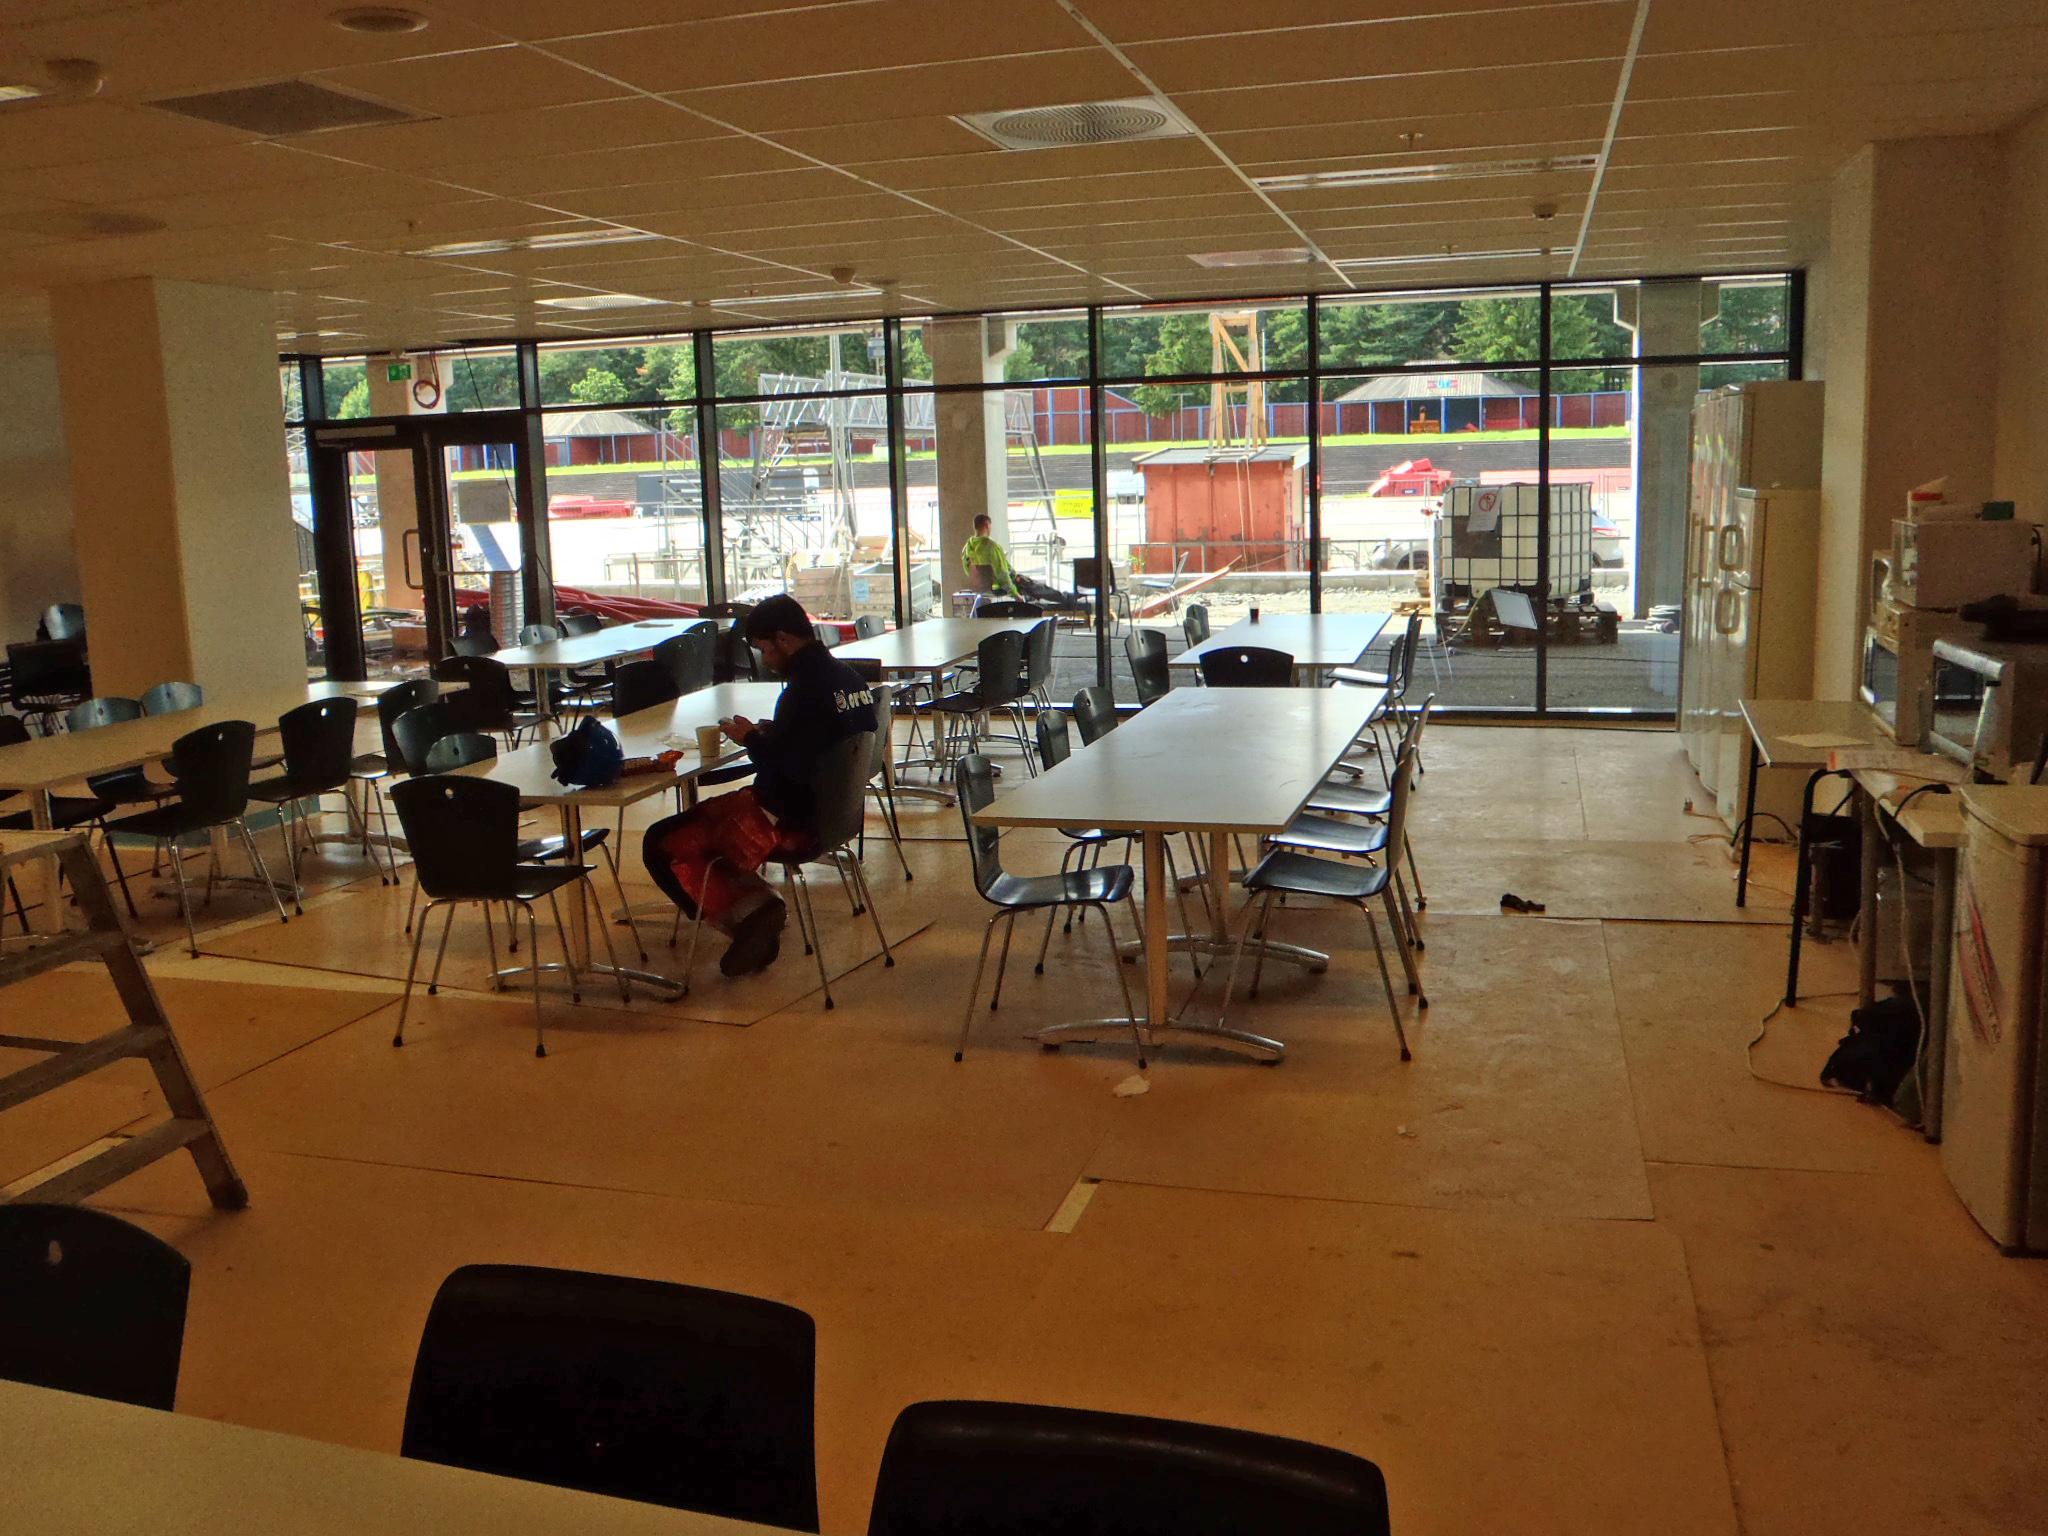 kafeteriaen med glassveggen mot skøytebanen . BILDET ER tatt fra omtrent der hvor disken vil være.